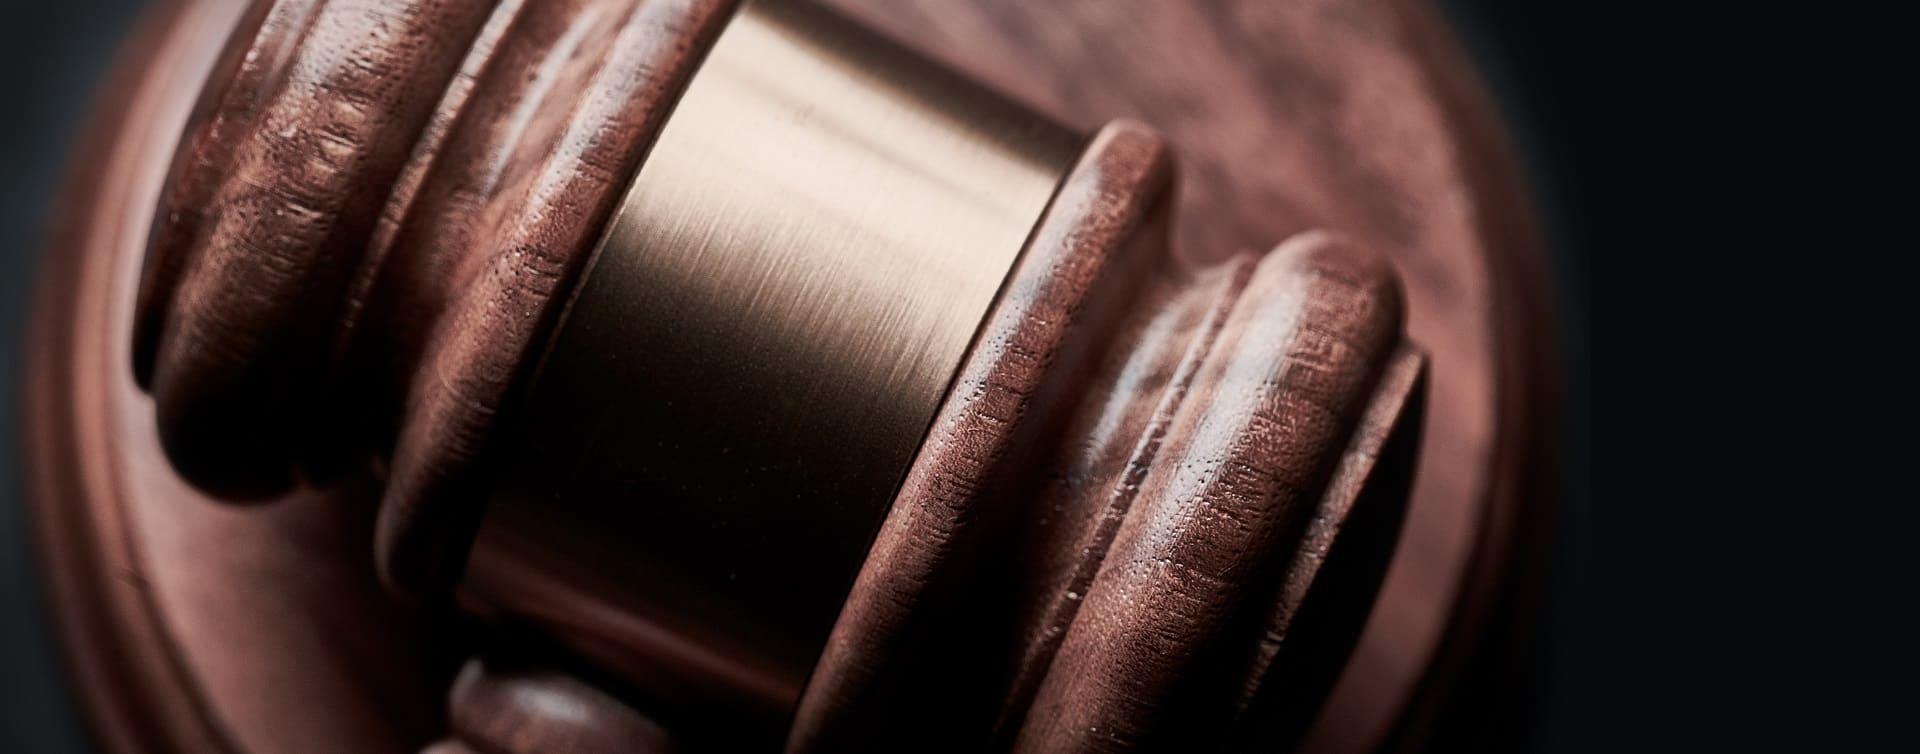 Abfindung im Arbeitsrecht München Fachanwalt Helen Althoff